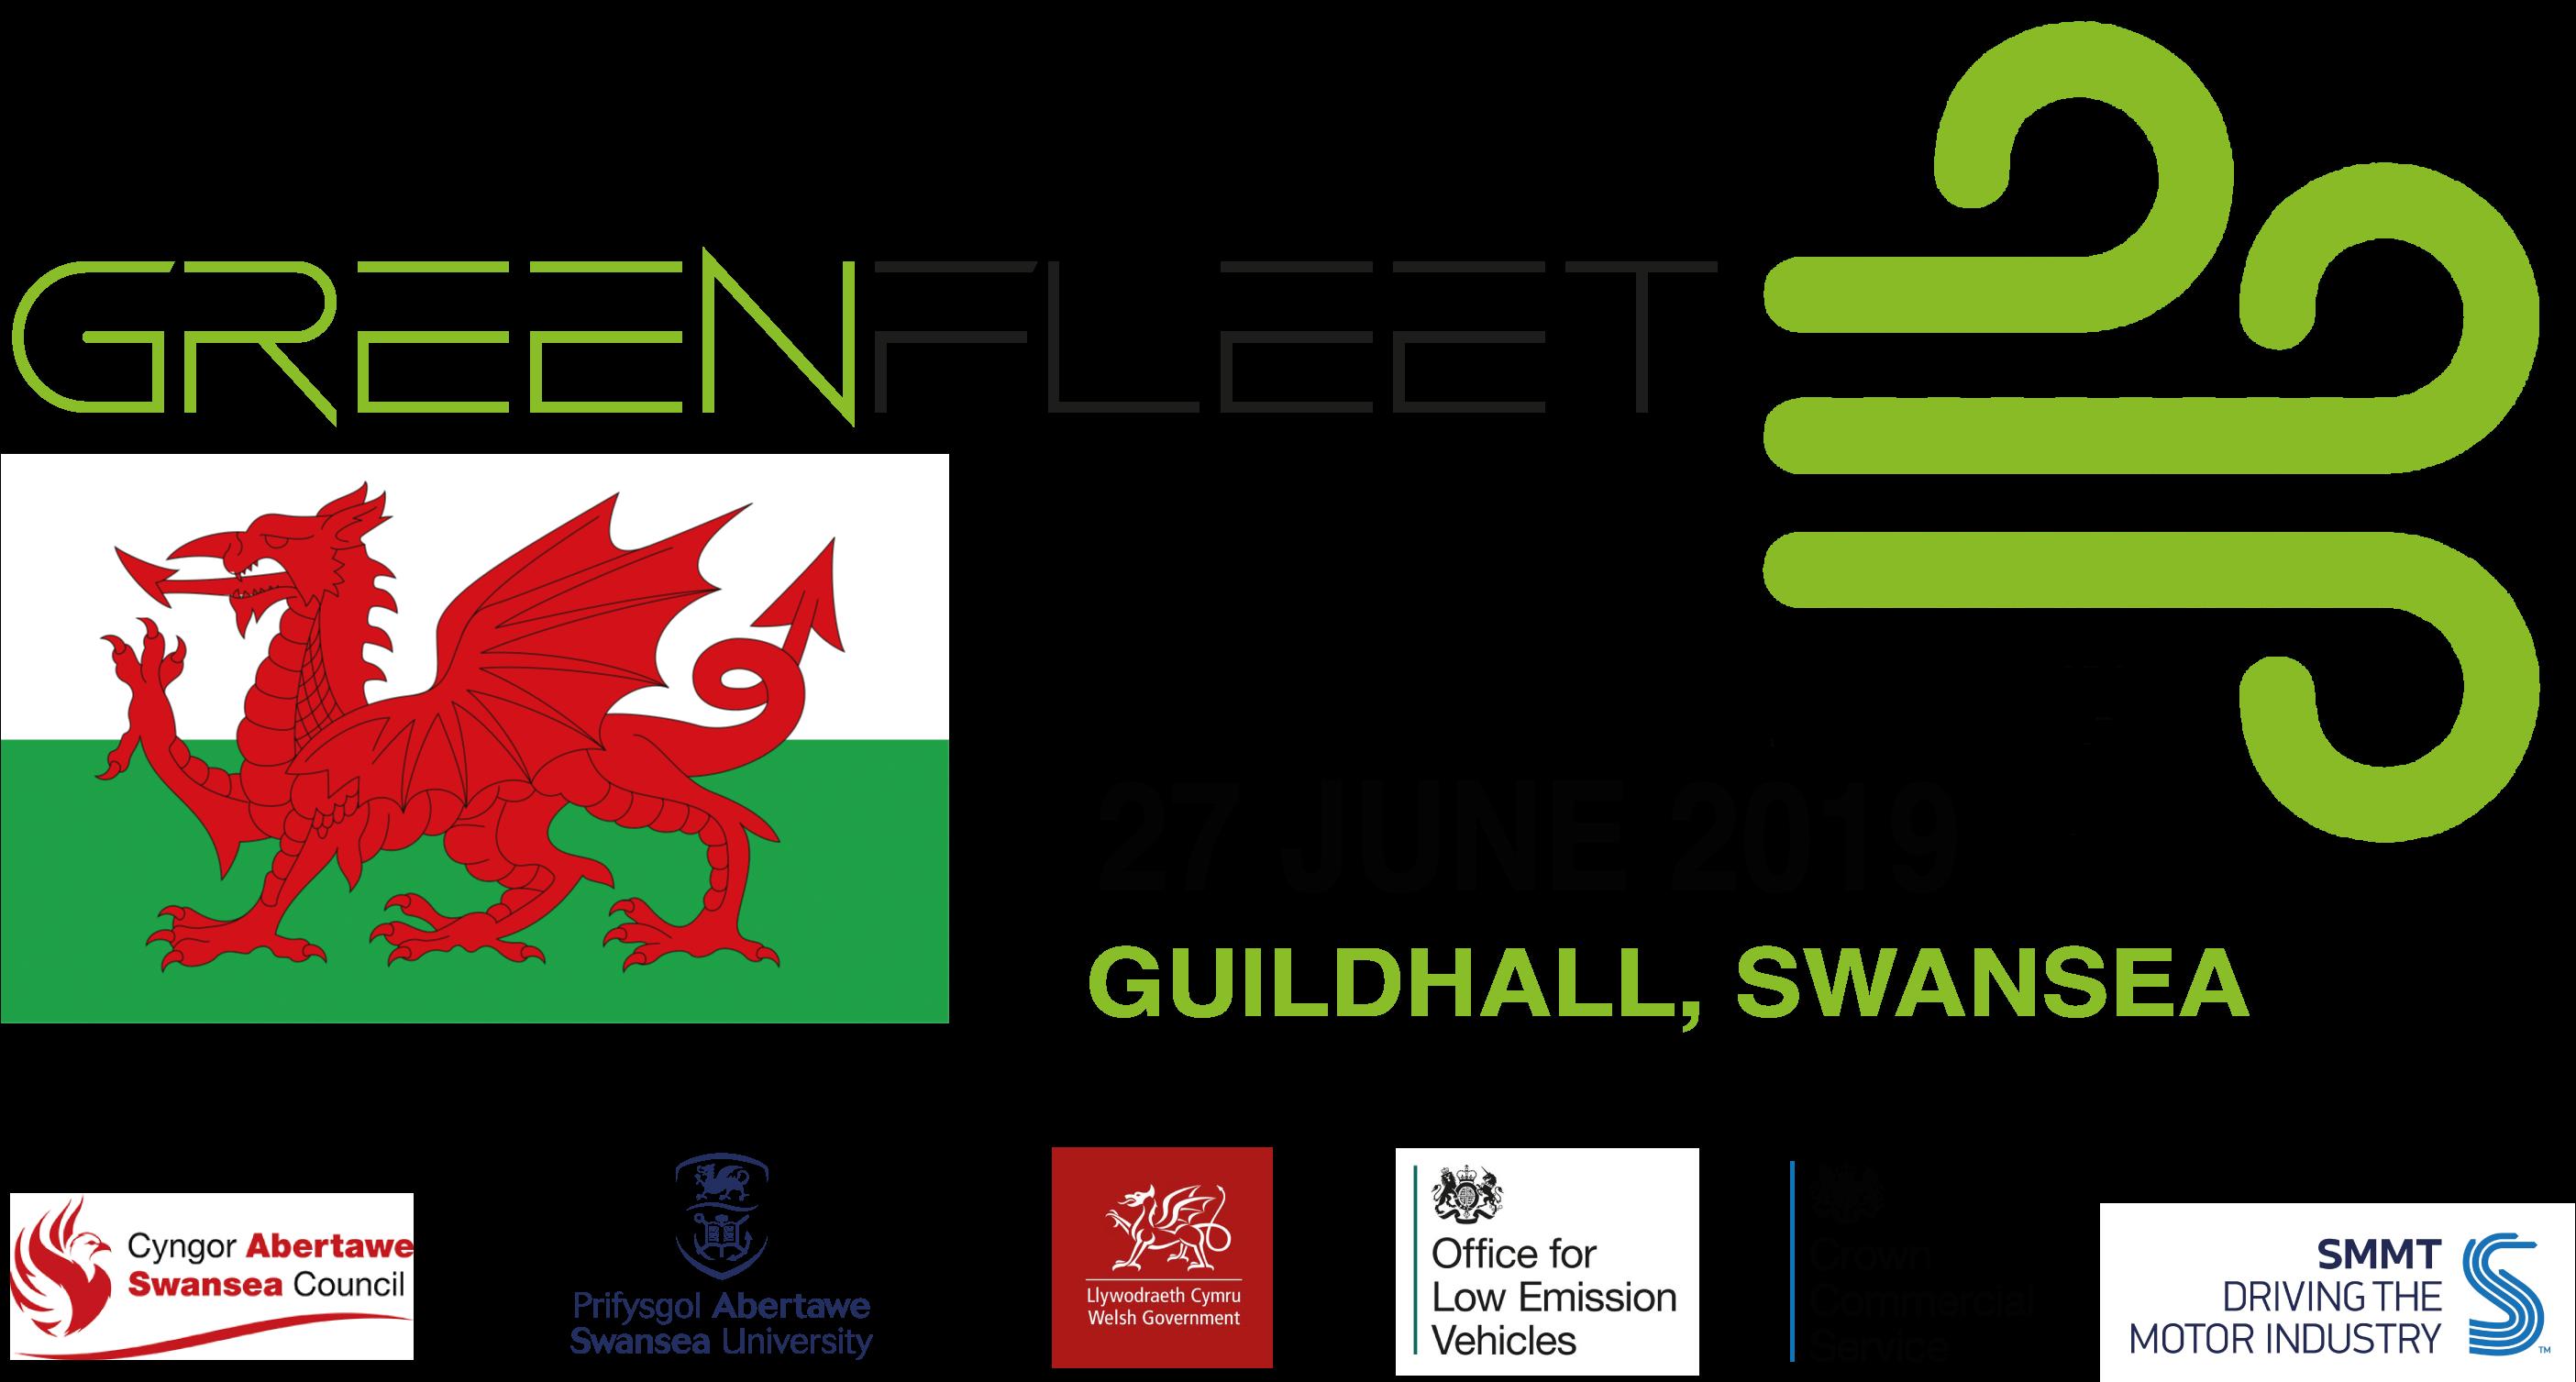 GREENFLEET Cymru